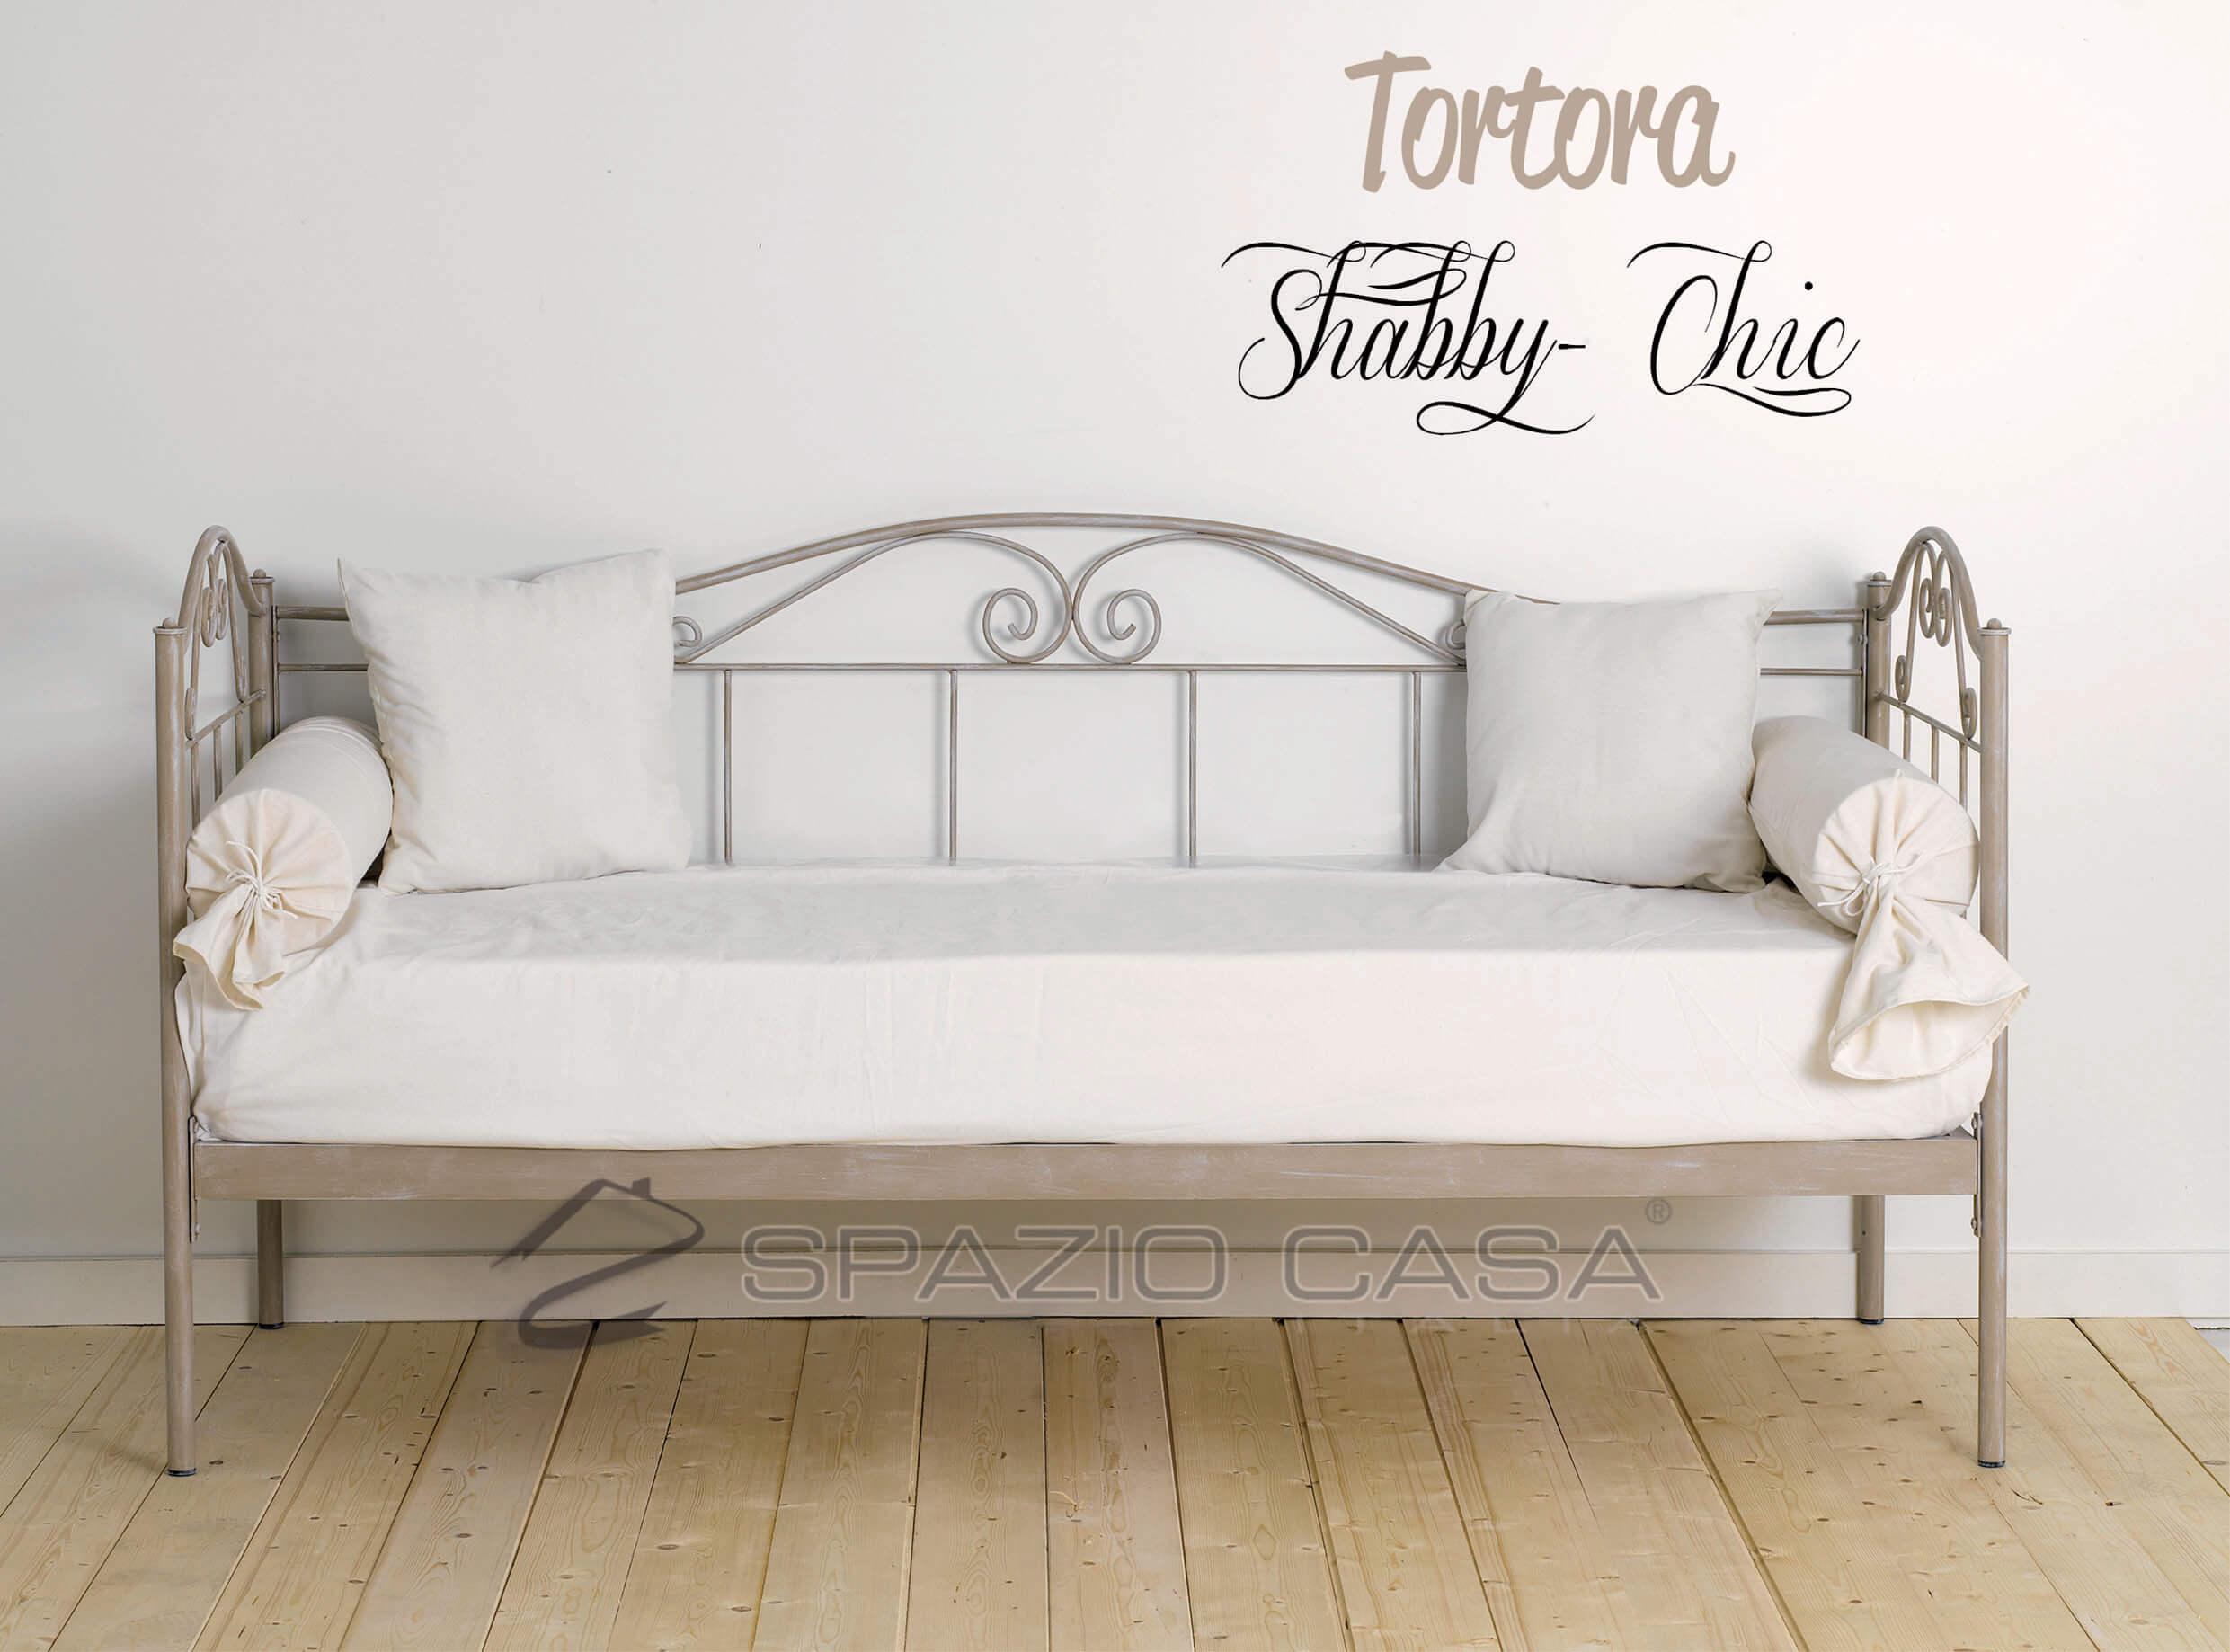 divano letto in ferro battuto lola On divano letto in ferro battuto